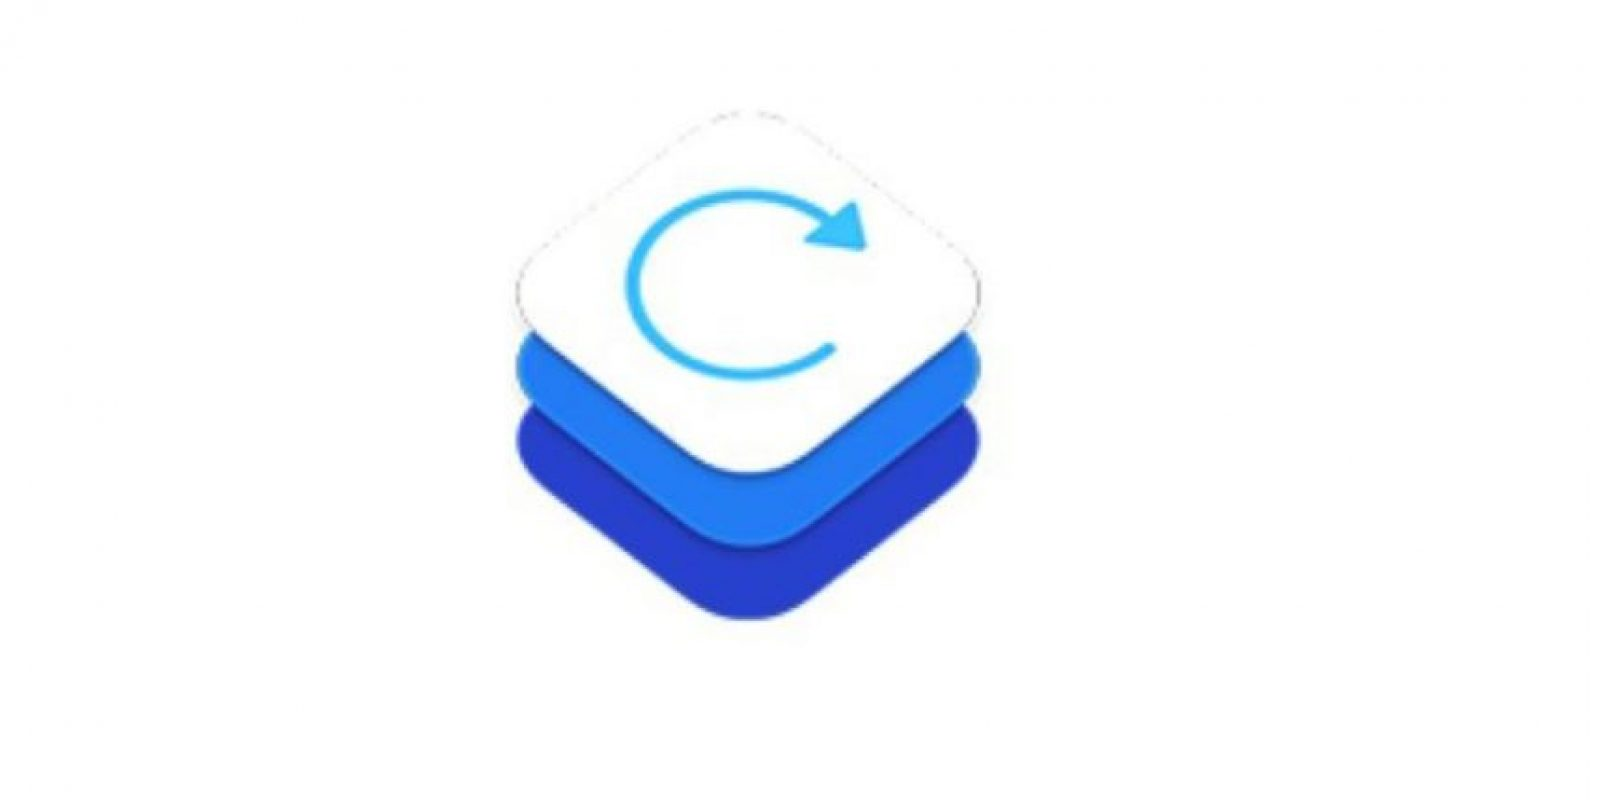 ReplayKit les permitirá grabar clips de video de su partida en cualquier juego y compartirla con sus amigos Foto:Apple